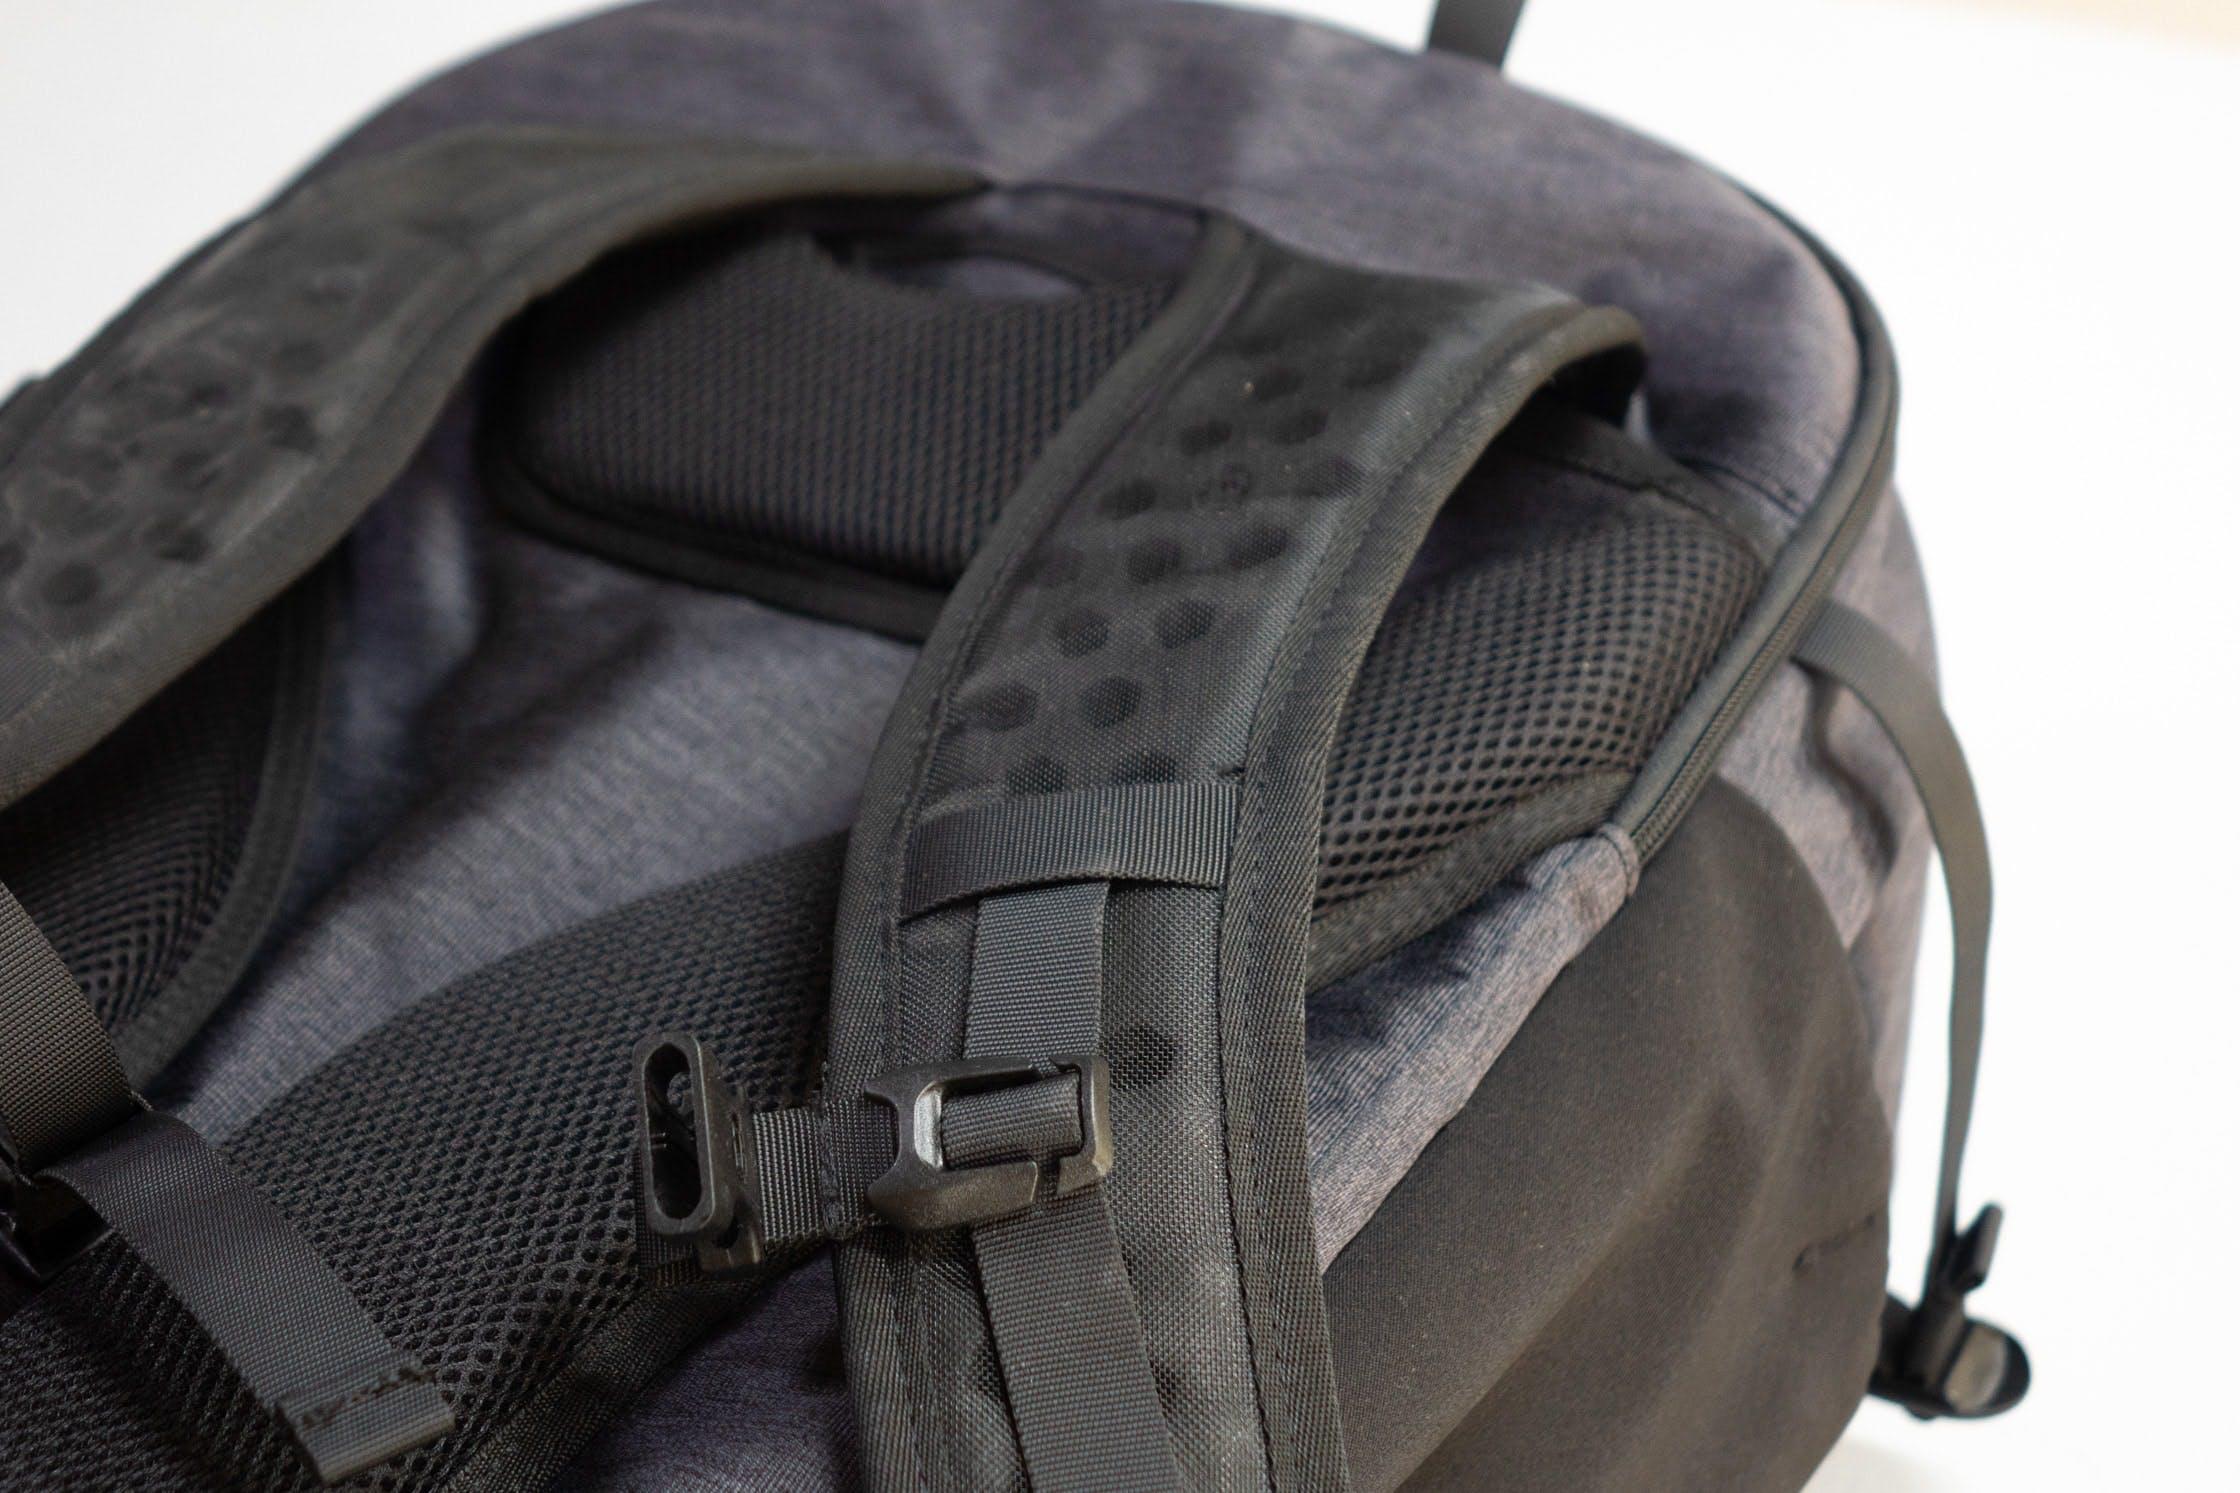 Tortuga Setou Shoulder Straps & Padded Back Panel